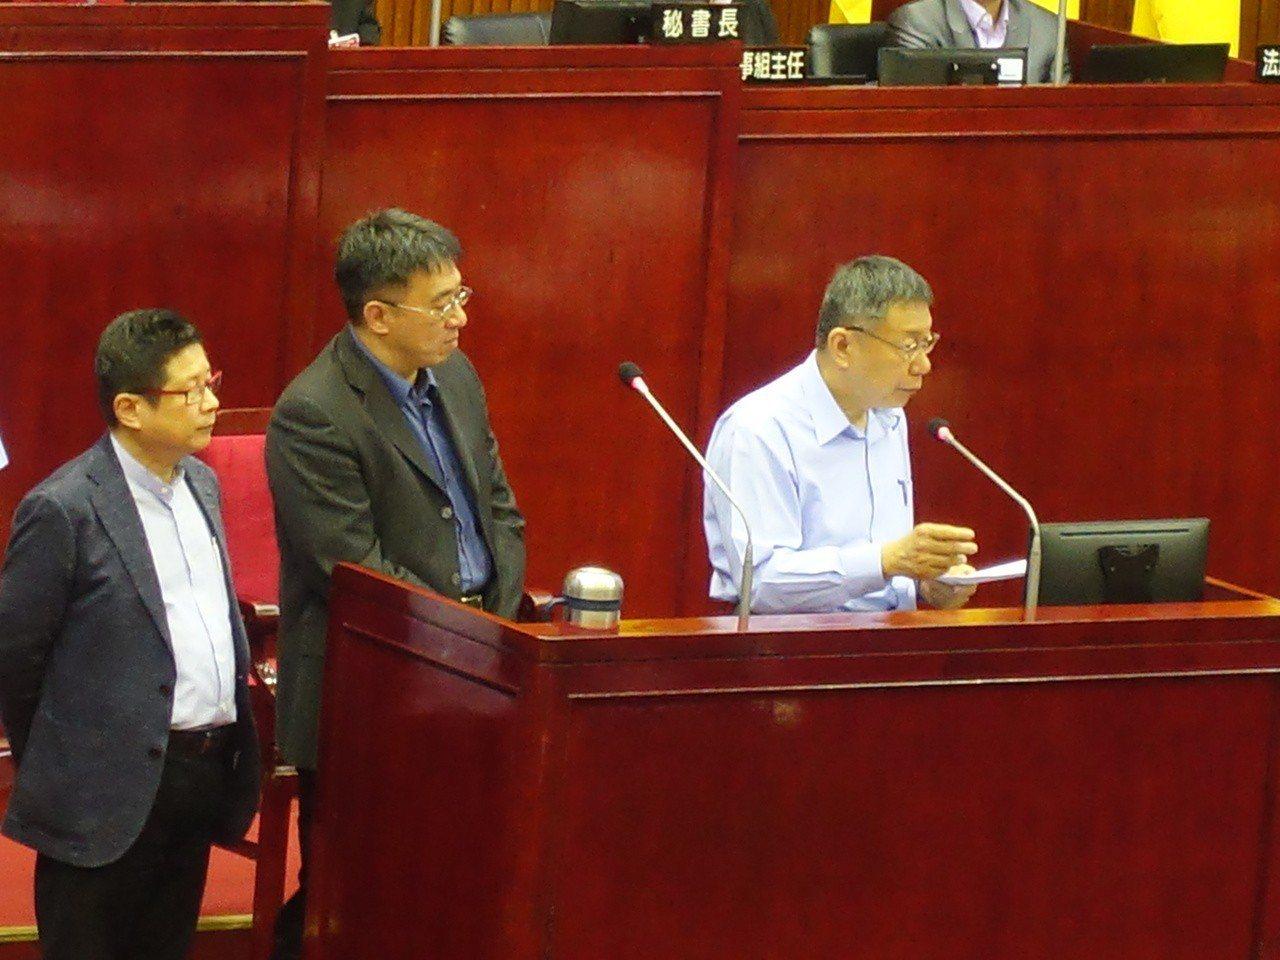 國民黨市議員羅智強追問,是看不起中華民國4個字,還是看不起柯文哲3個字?柯文哲則...